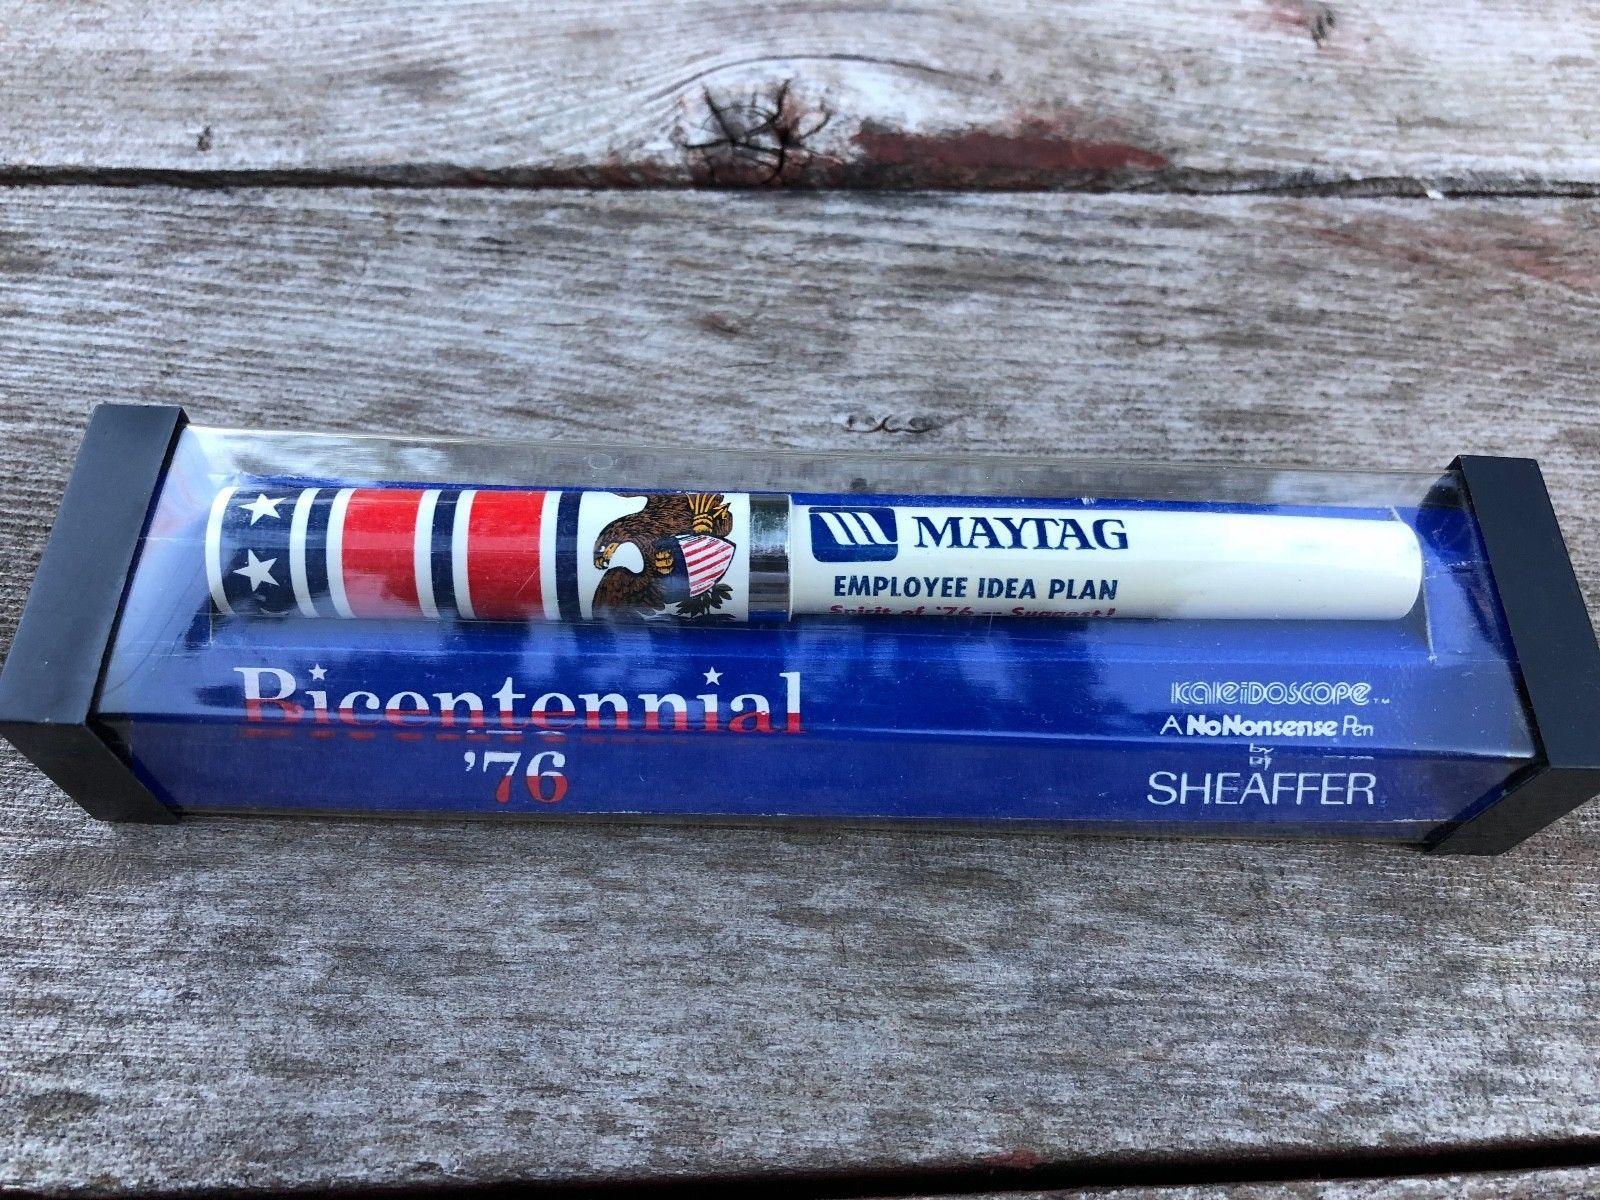 VTG Sheaffer Bicentennial 1976 Kaleidoscope Pen w Advertising for Maytag Unused